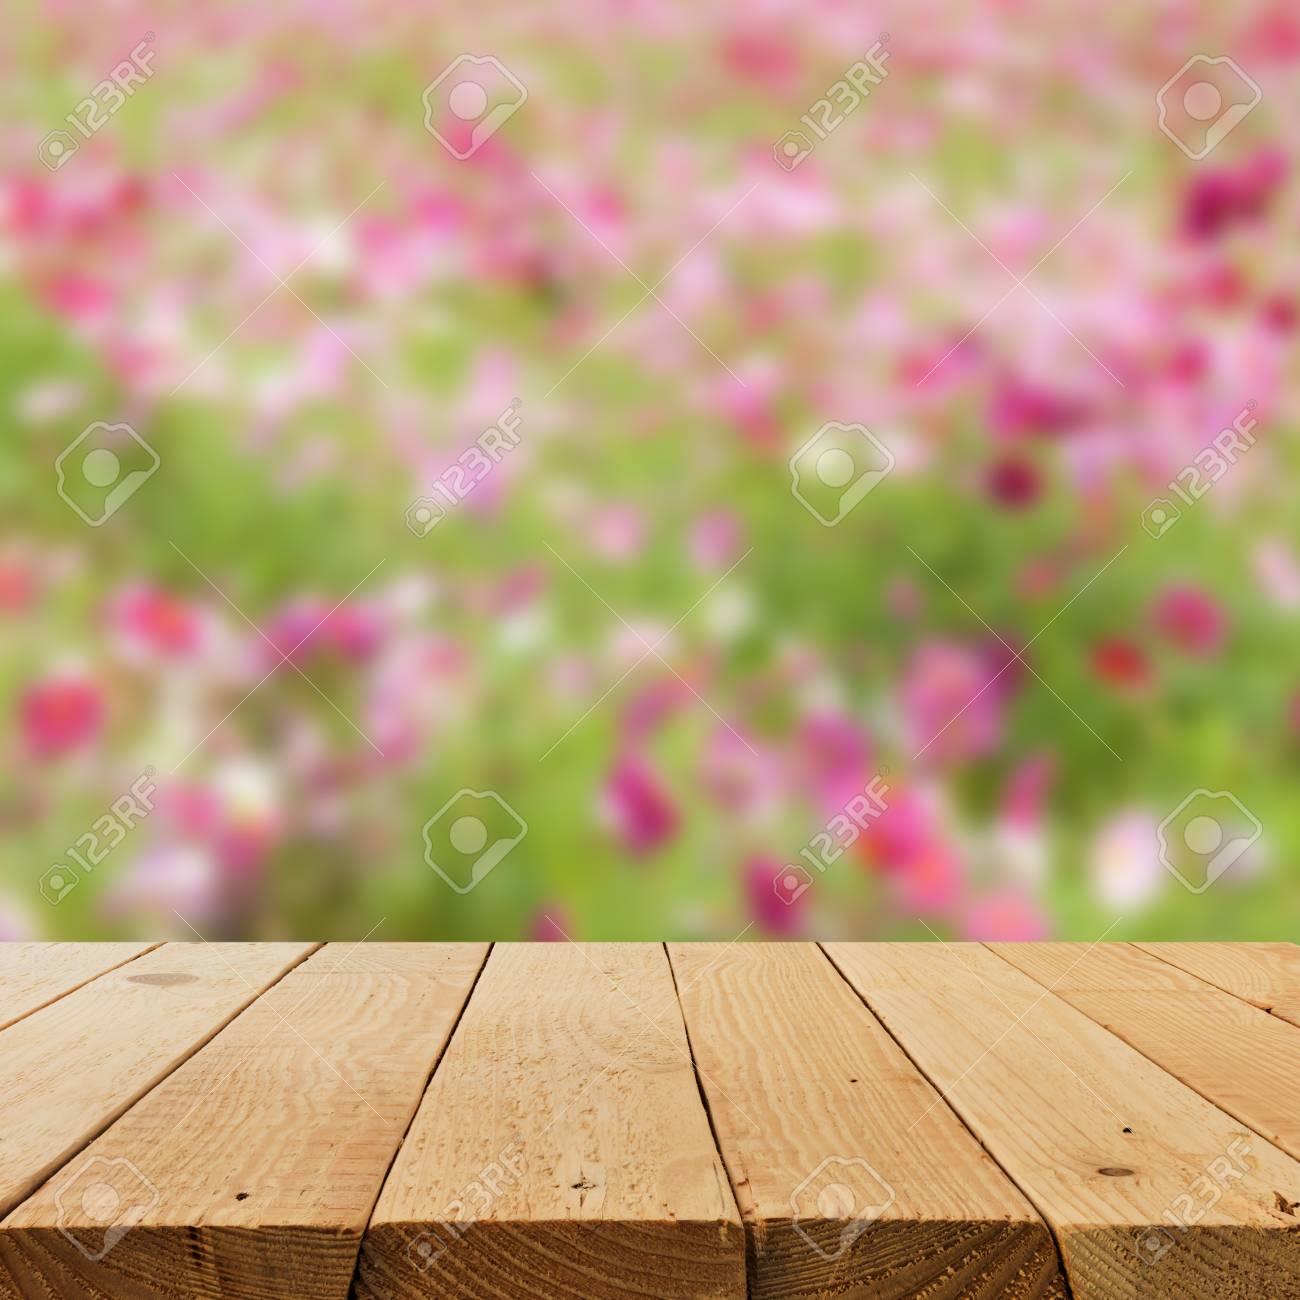 Imagen De Desenfoque Y La Falta De Definición De Una Terraza De Madera Con Flores De Campo Para El Uso Del Fondo